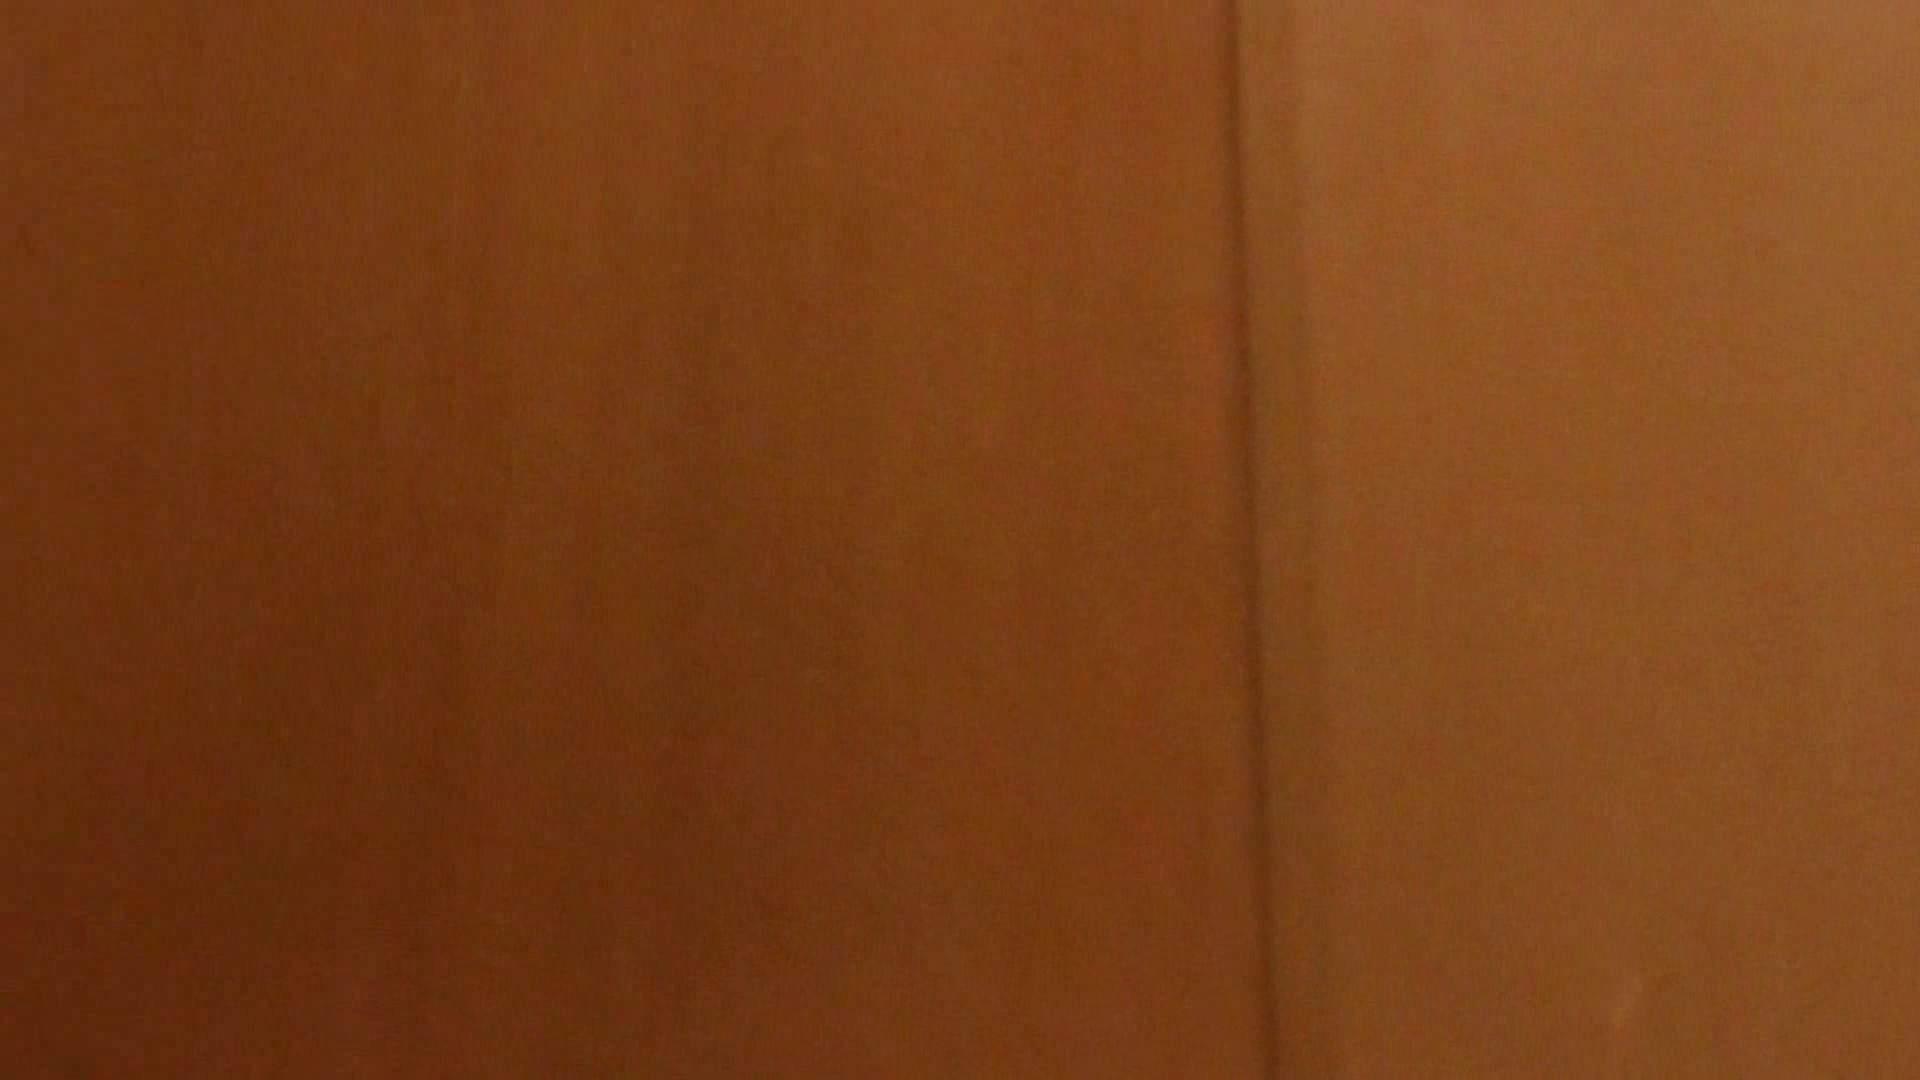 隣国化粧室下から御免!! No.02 洗面所のぞき SEX無修正画像 90枚 62